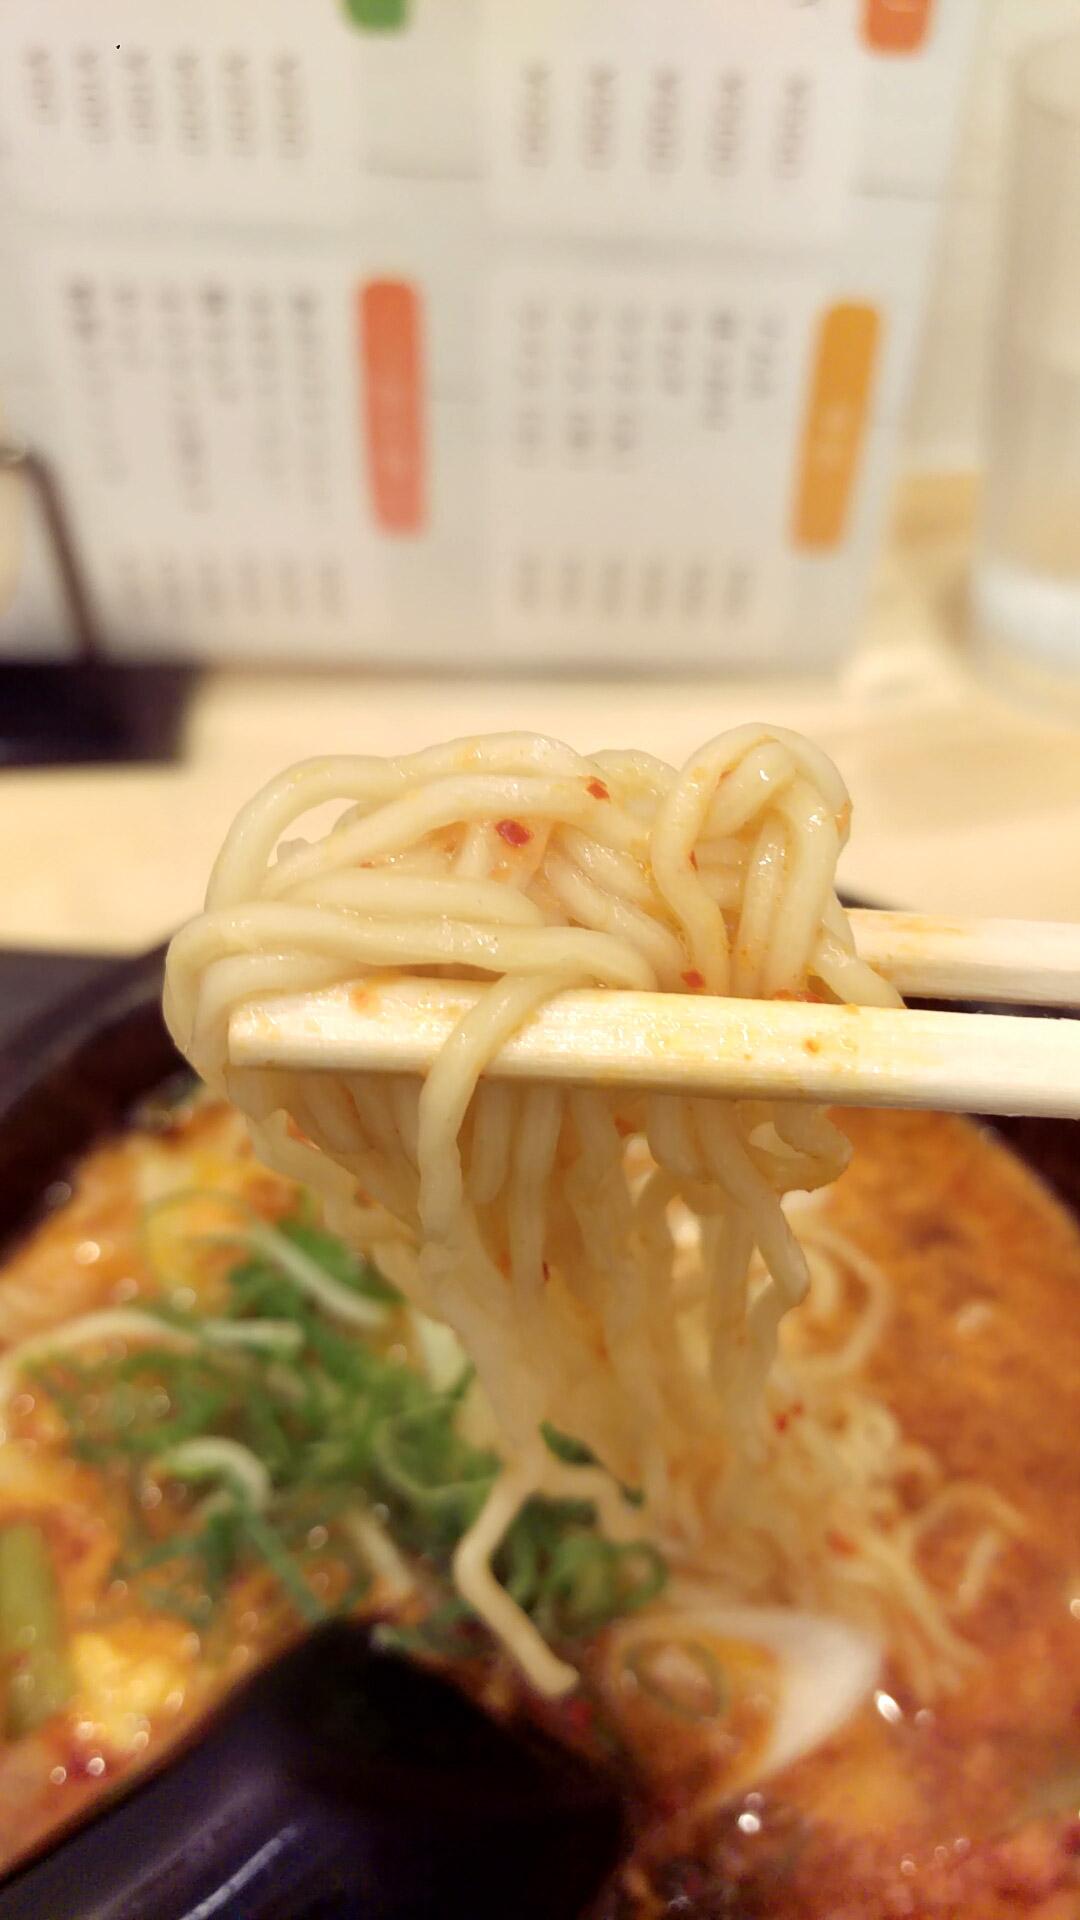 麺は細めのインスタント麺